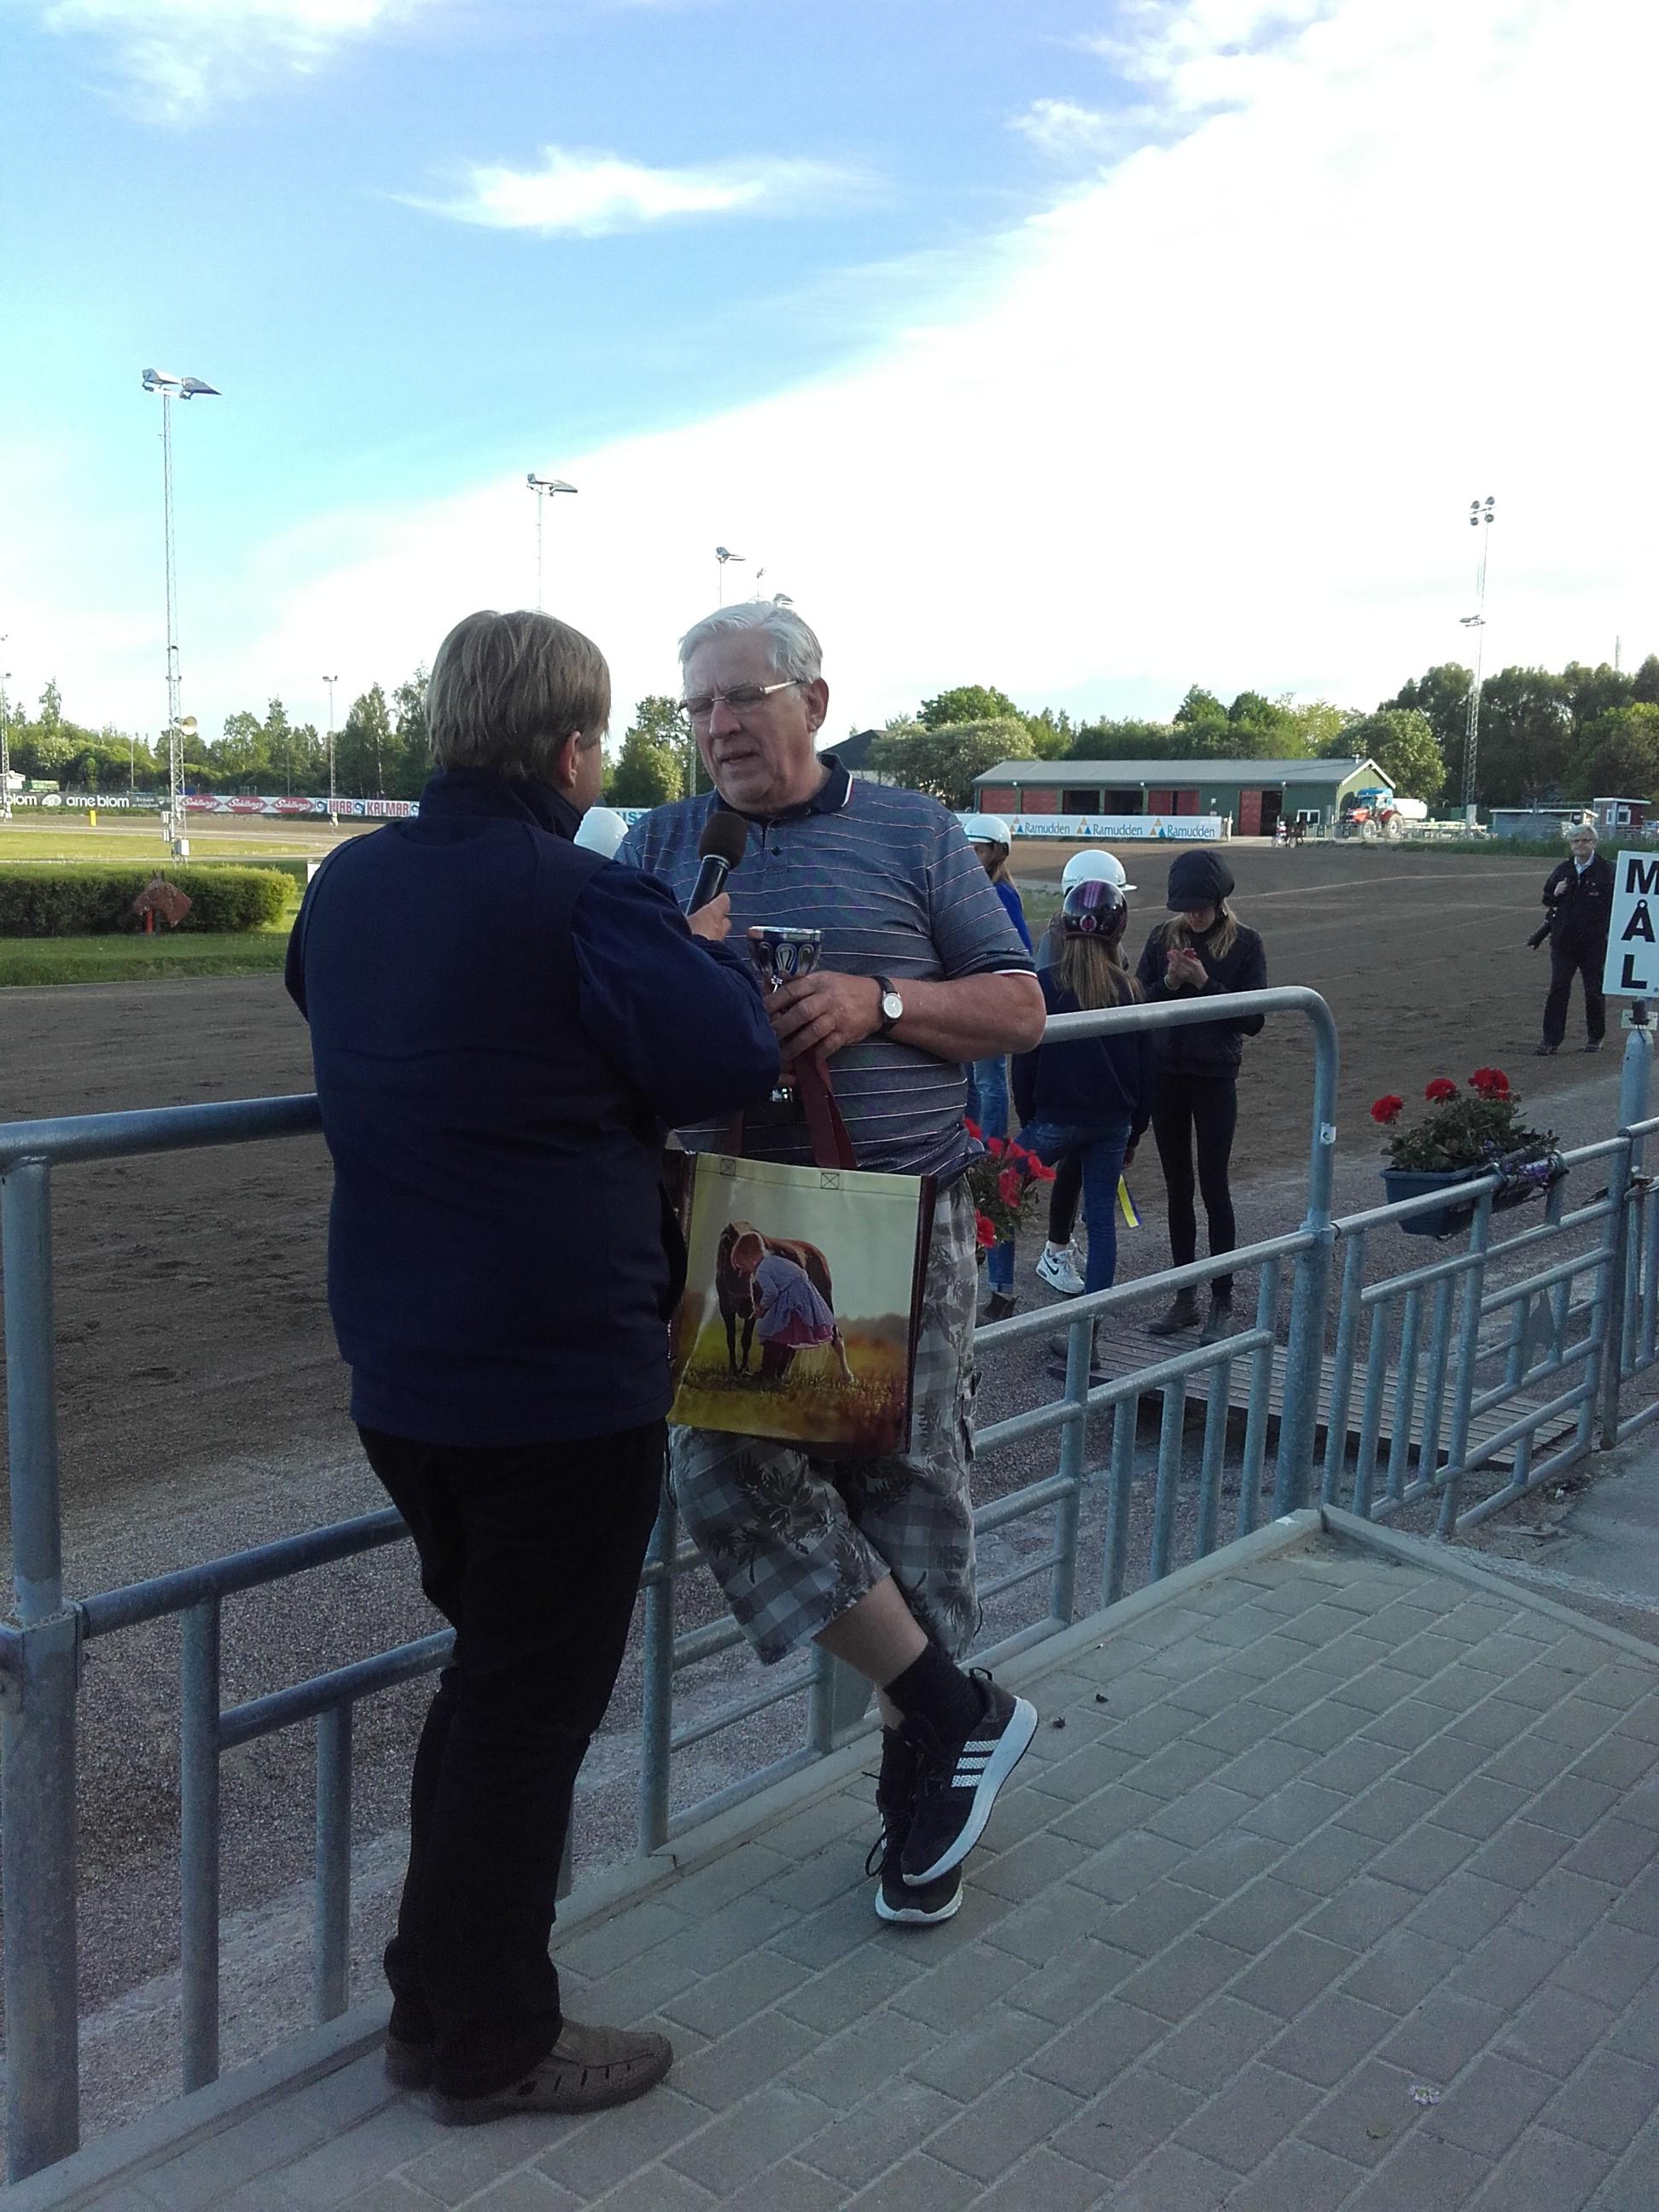 Alf intervjuas om flygklubben och vår verksamhet